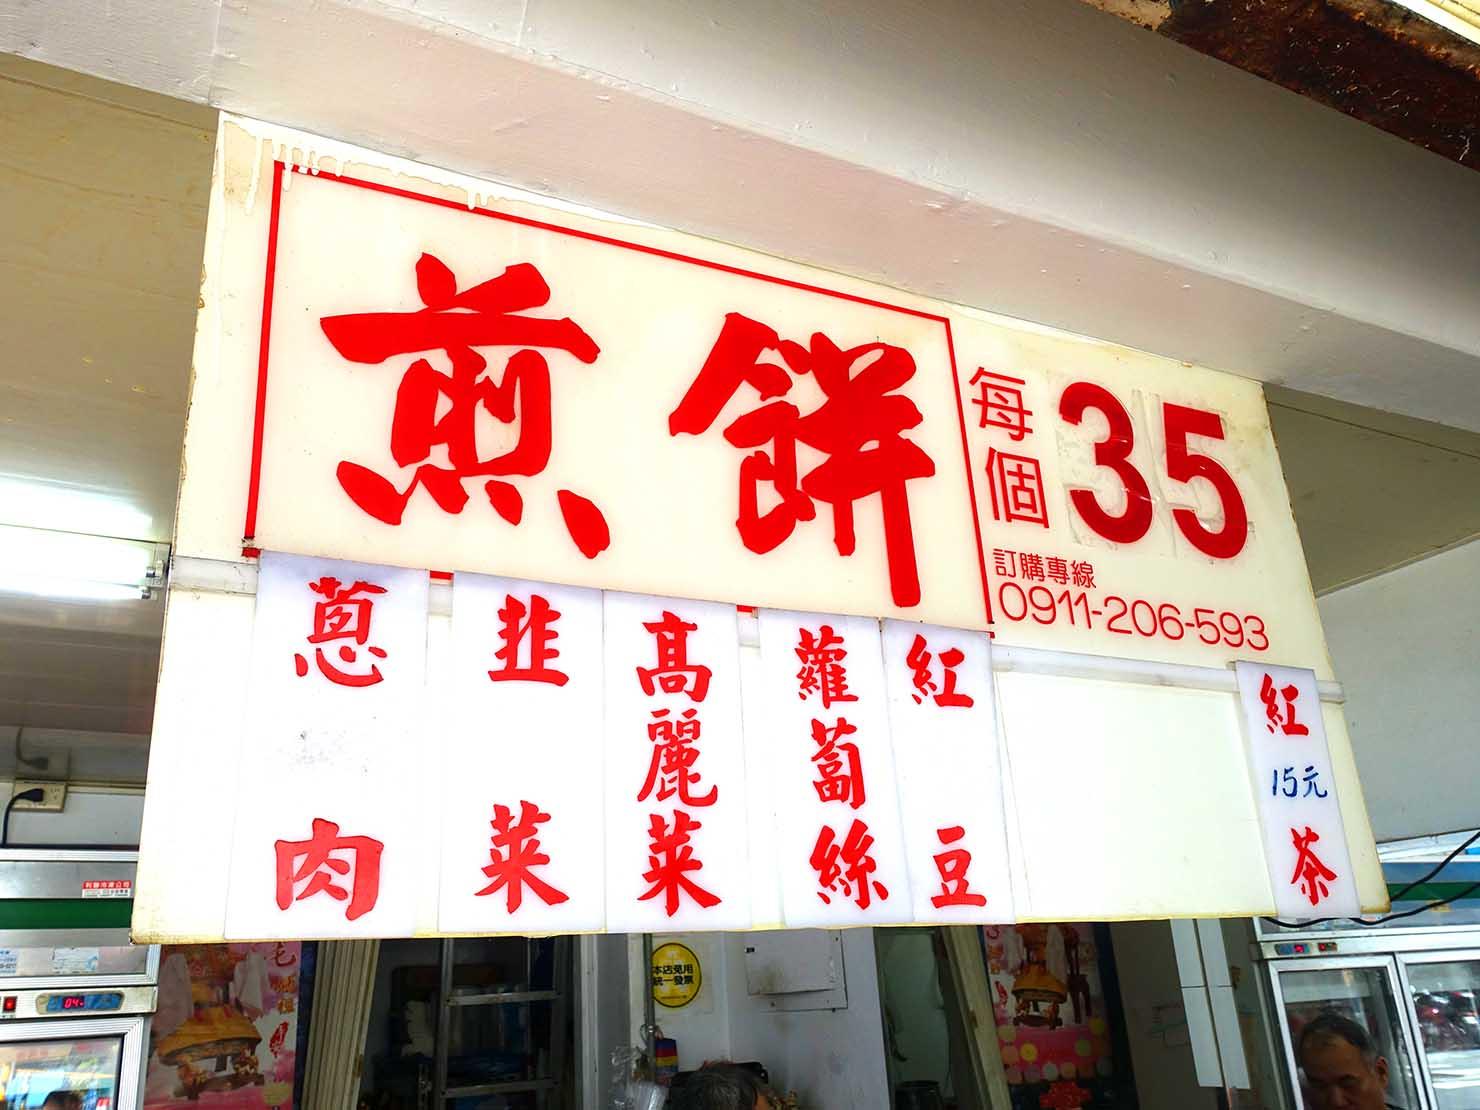 台北・松江南京駅(四平街商圈)周辺のおすすめグルメ店「阿源煎餅」のメニュー